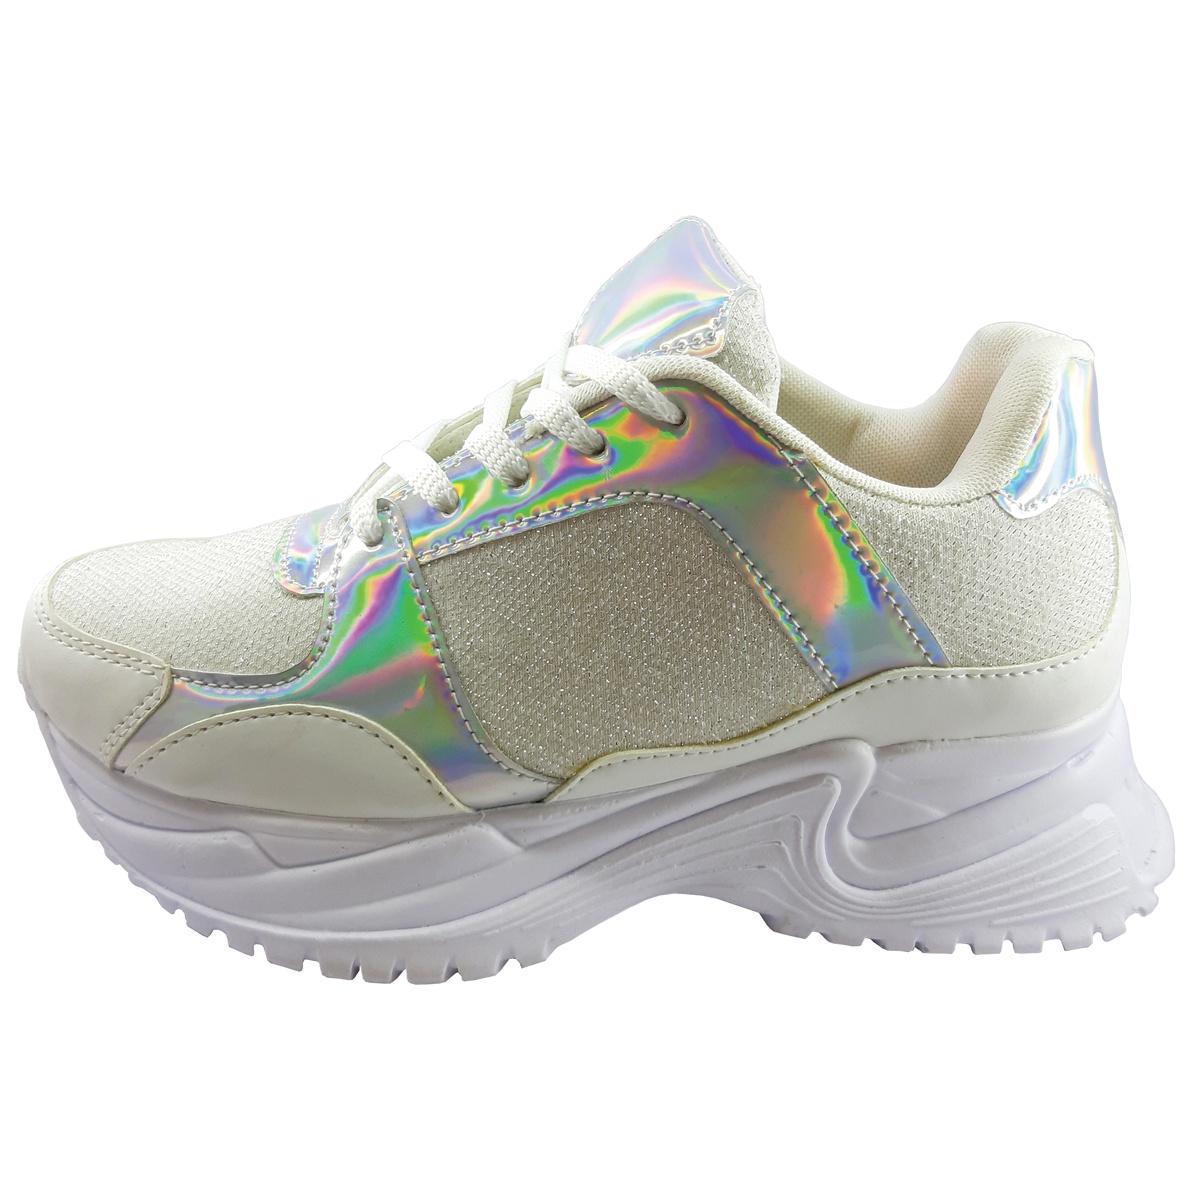 کفش مخصوص پیاده روی زنانه کد Lx37-40-03